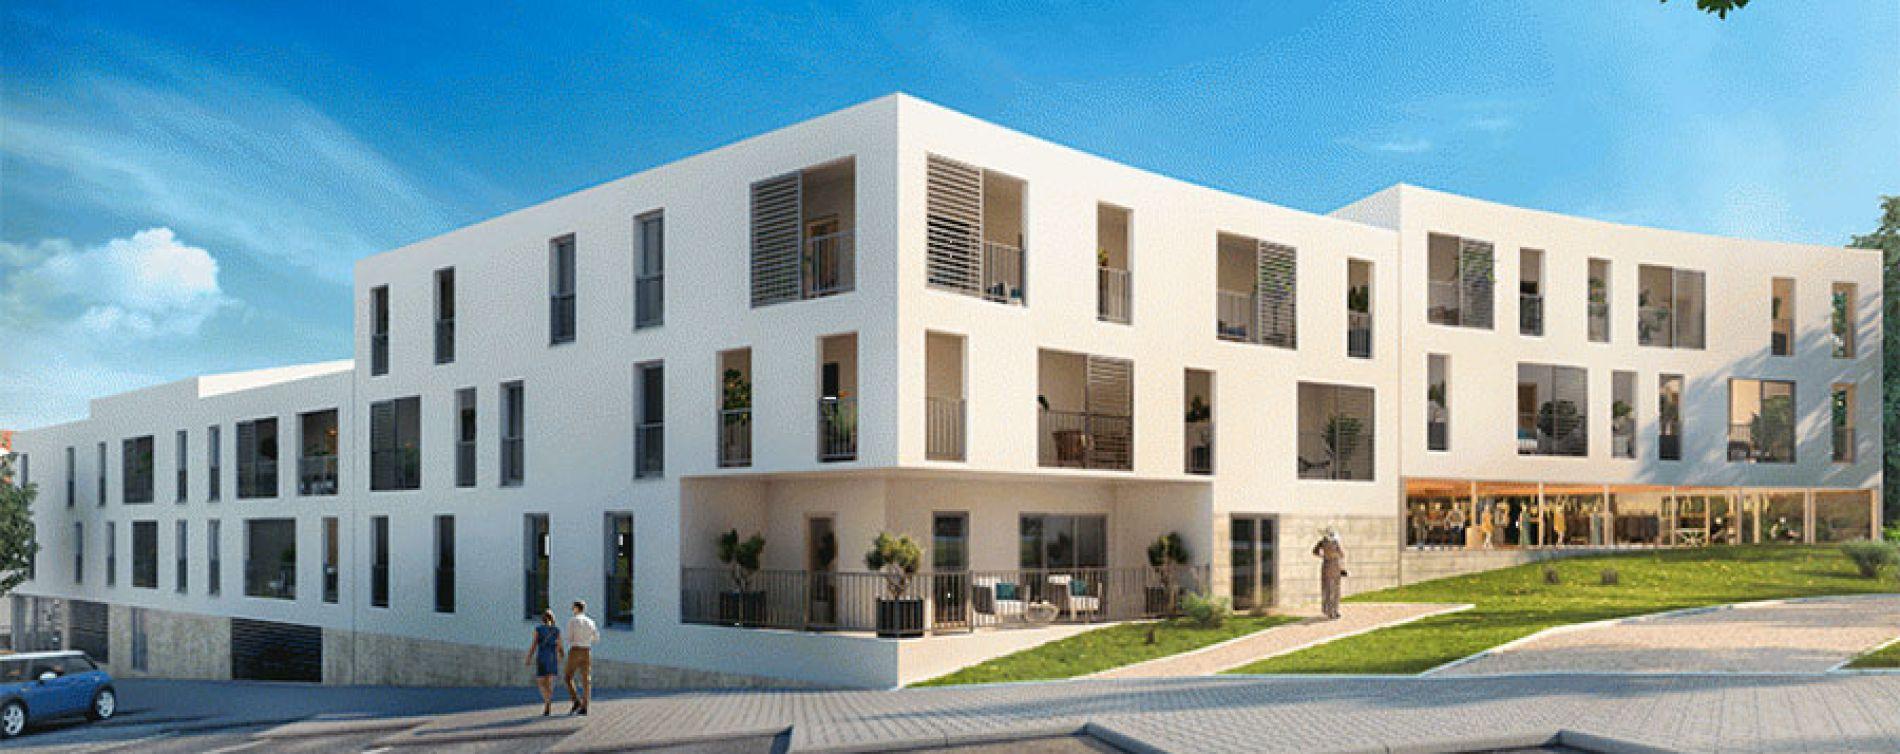 Le patio de lyunes aix en provence programme immobilier - Residence les jardins d arcadie aix en provence ...